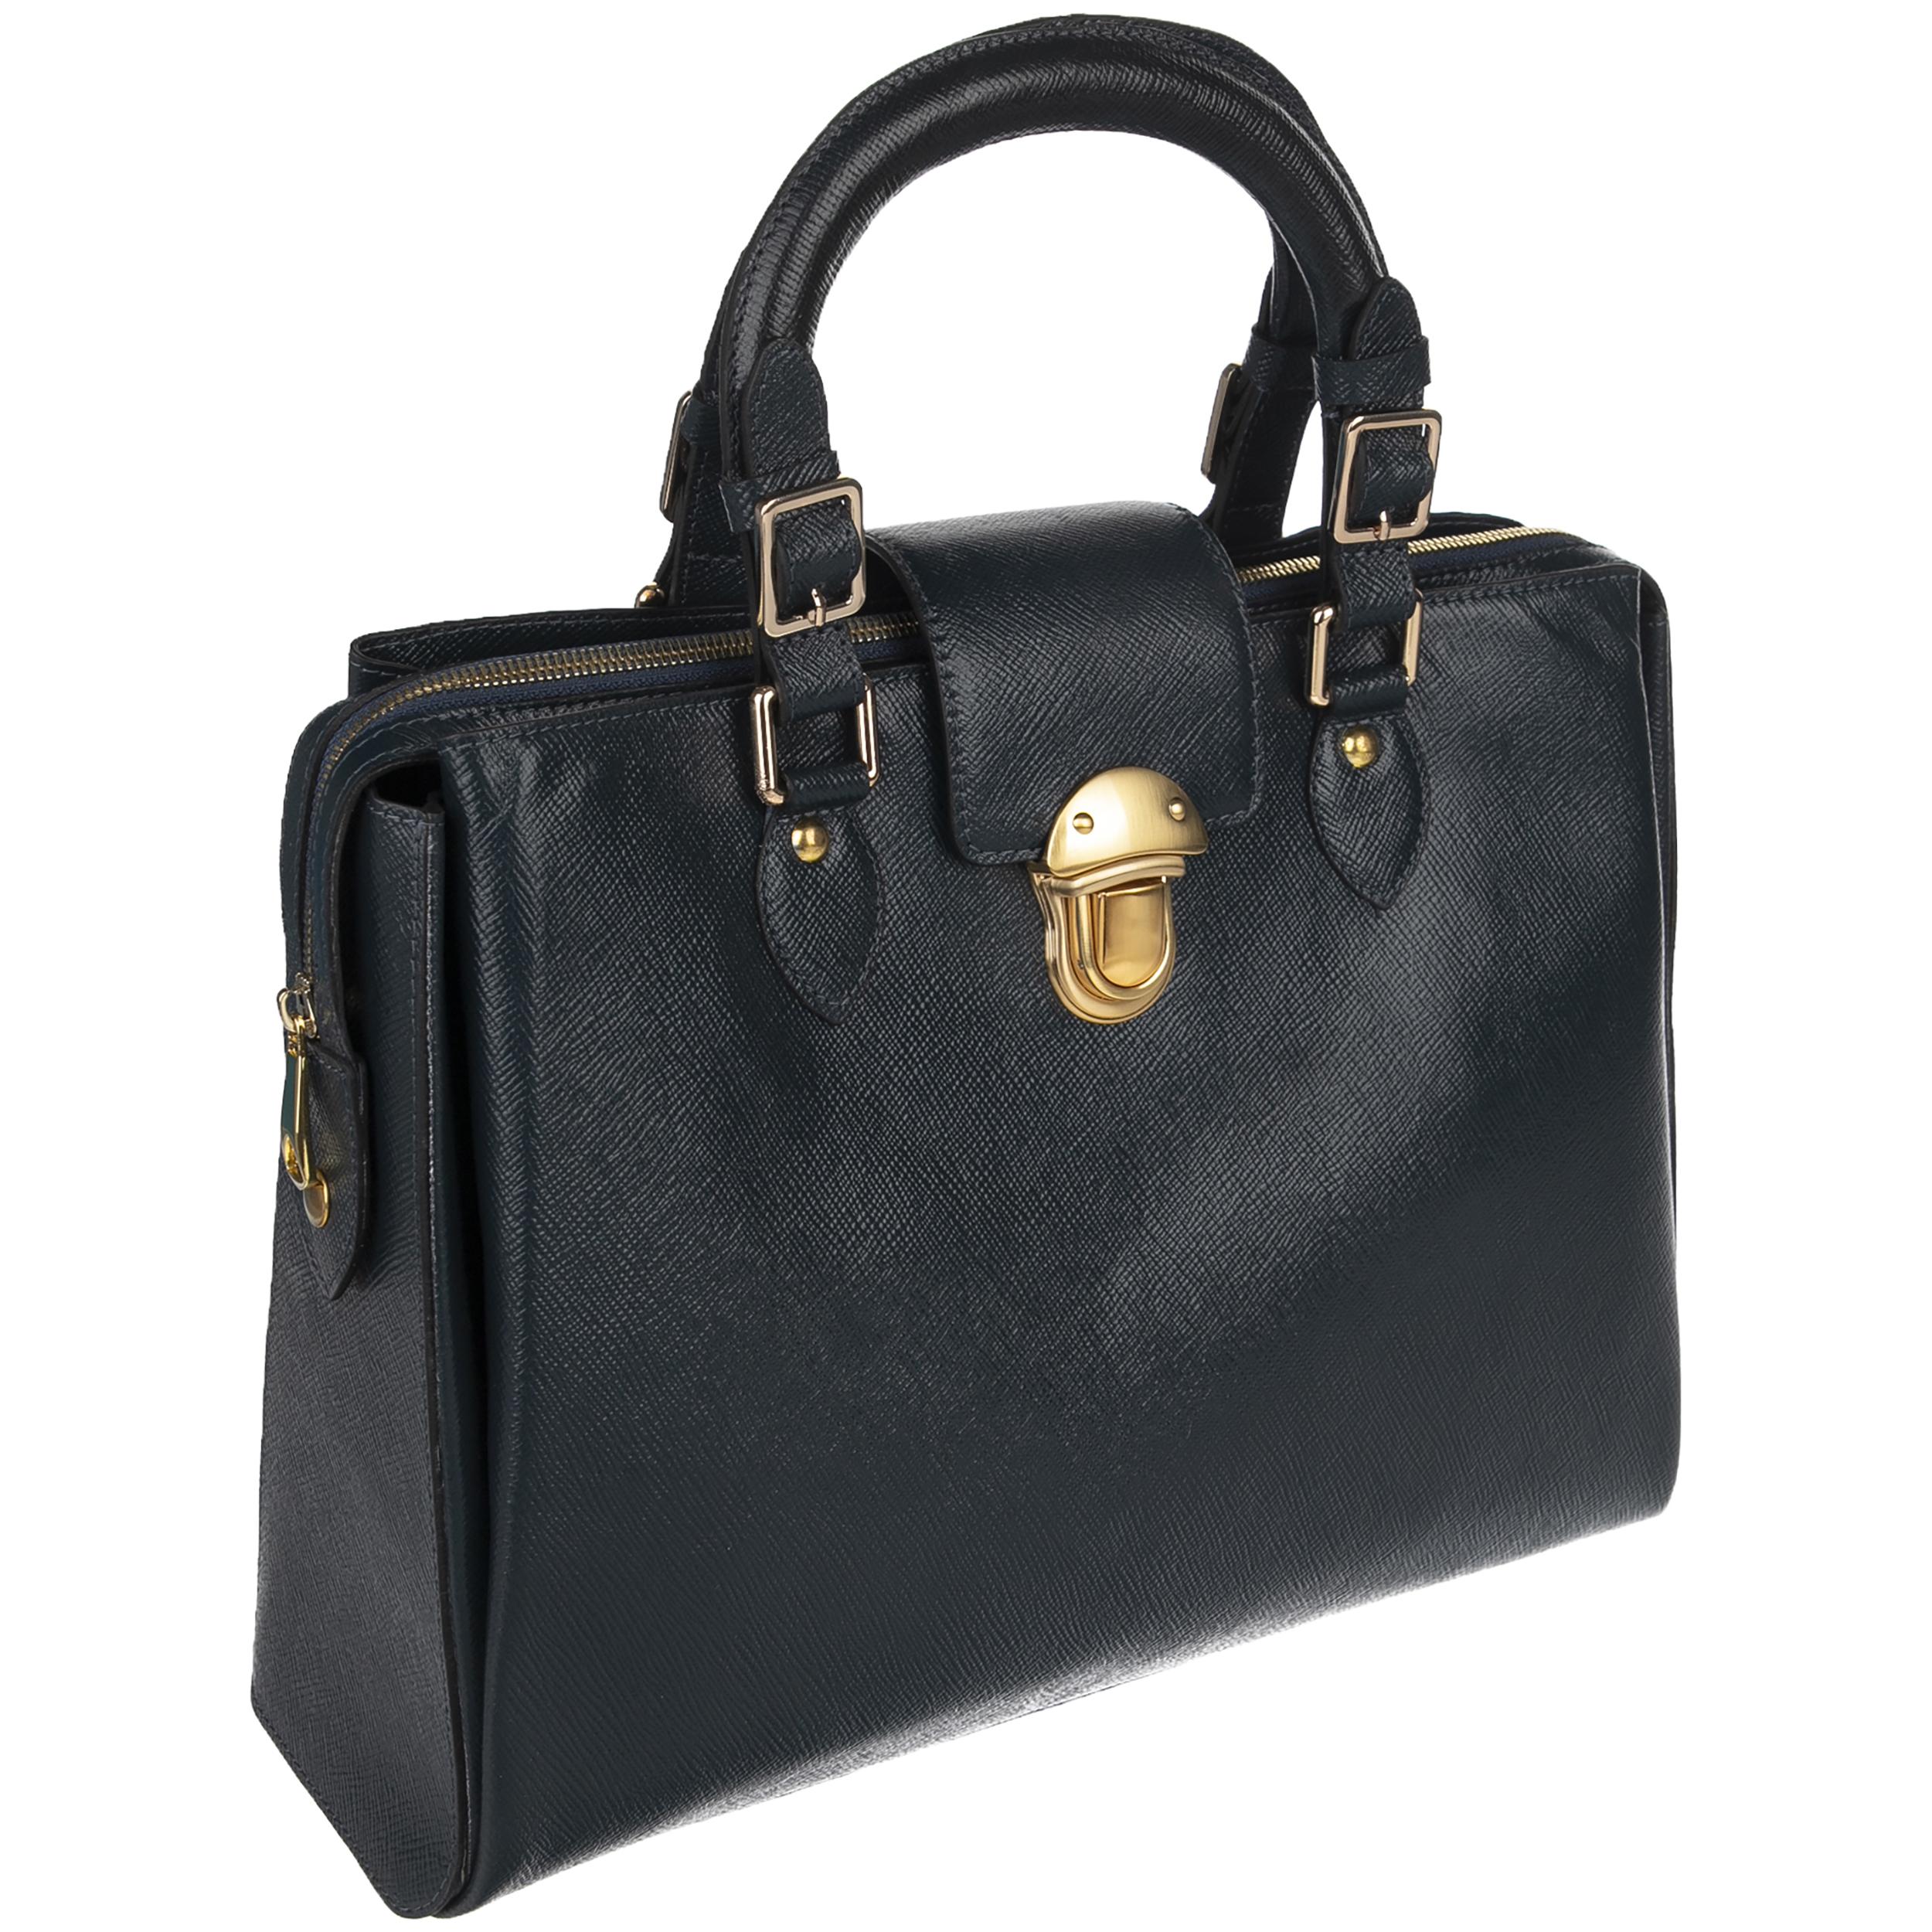 قیمت کیف دستی زنانه عالیخان مدل 565-401